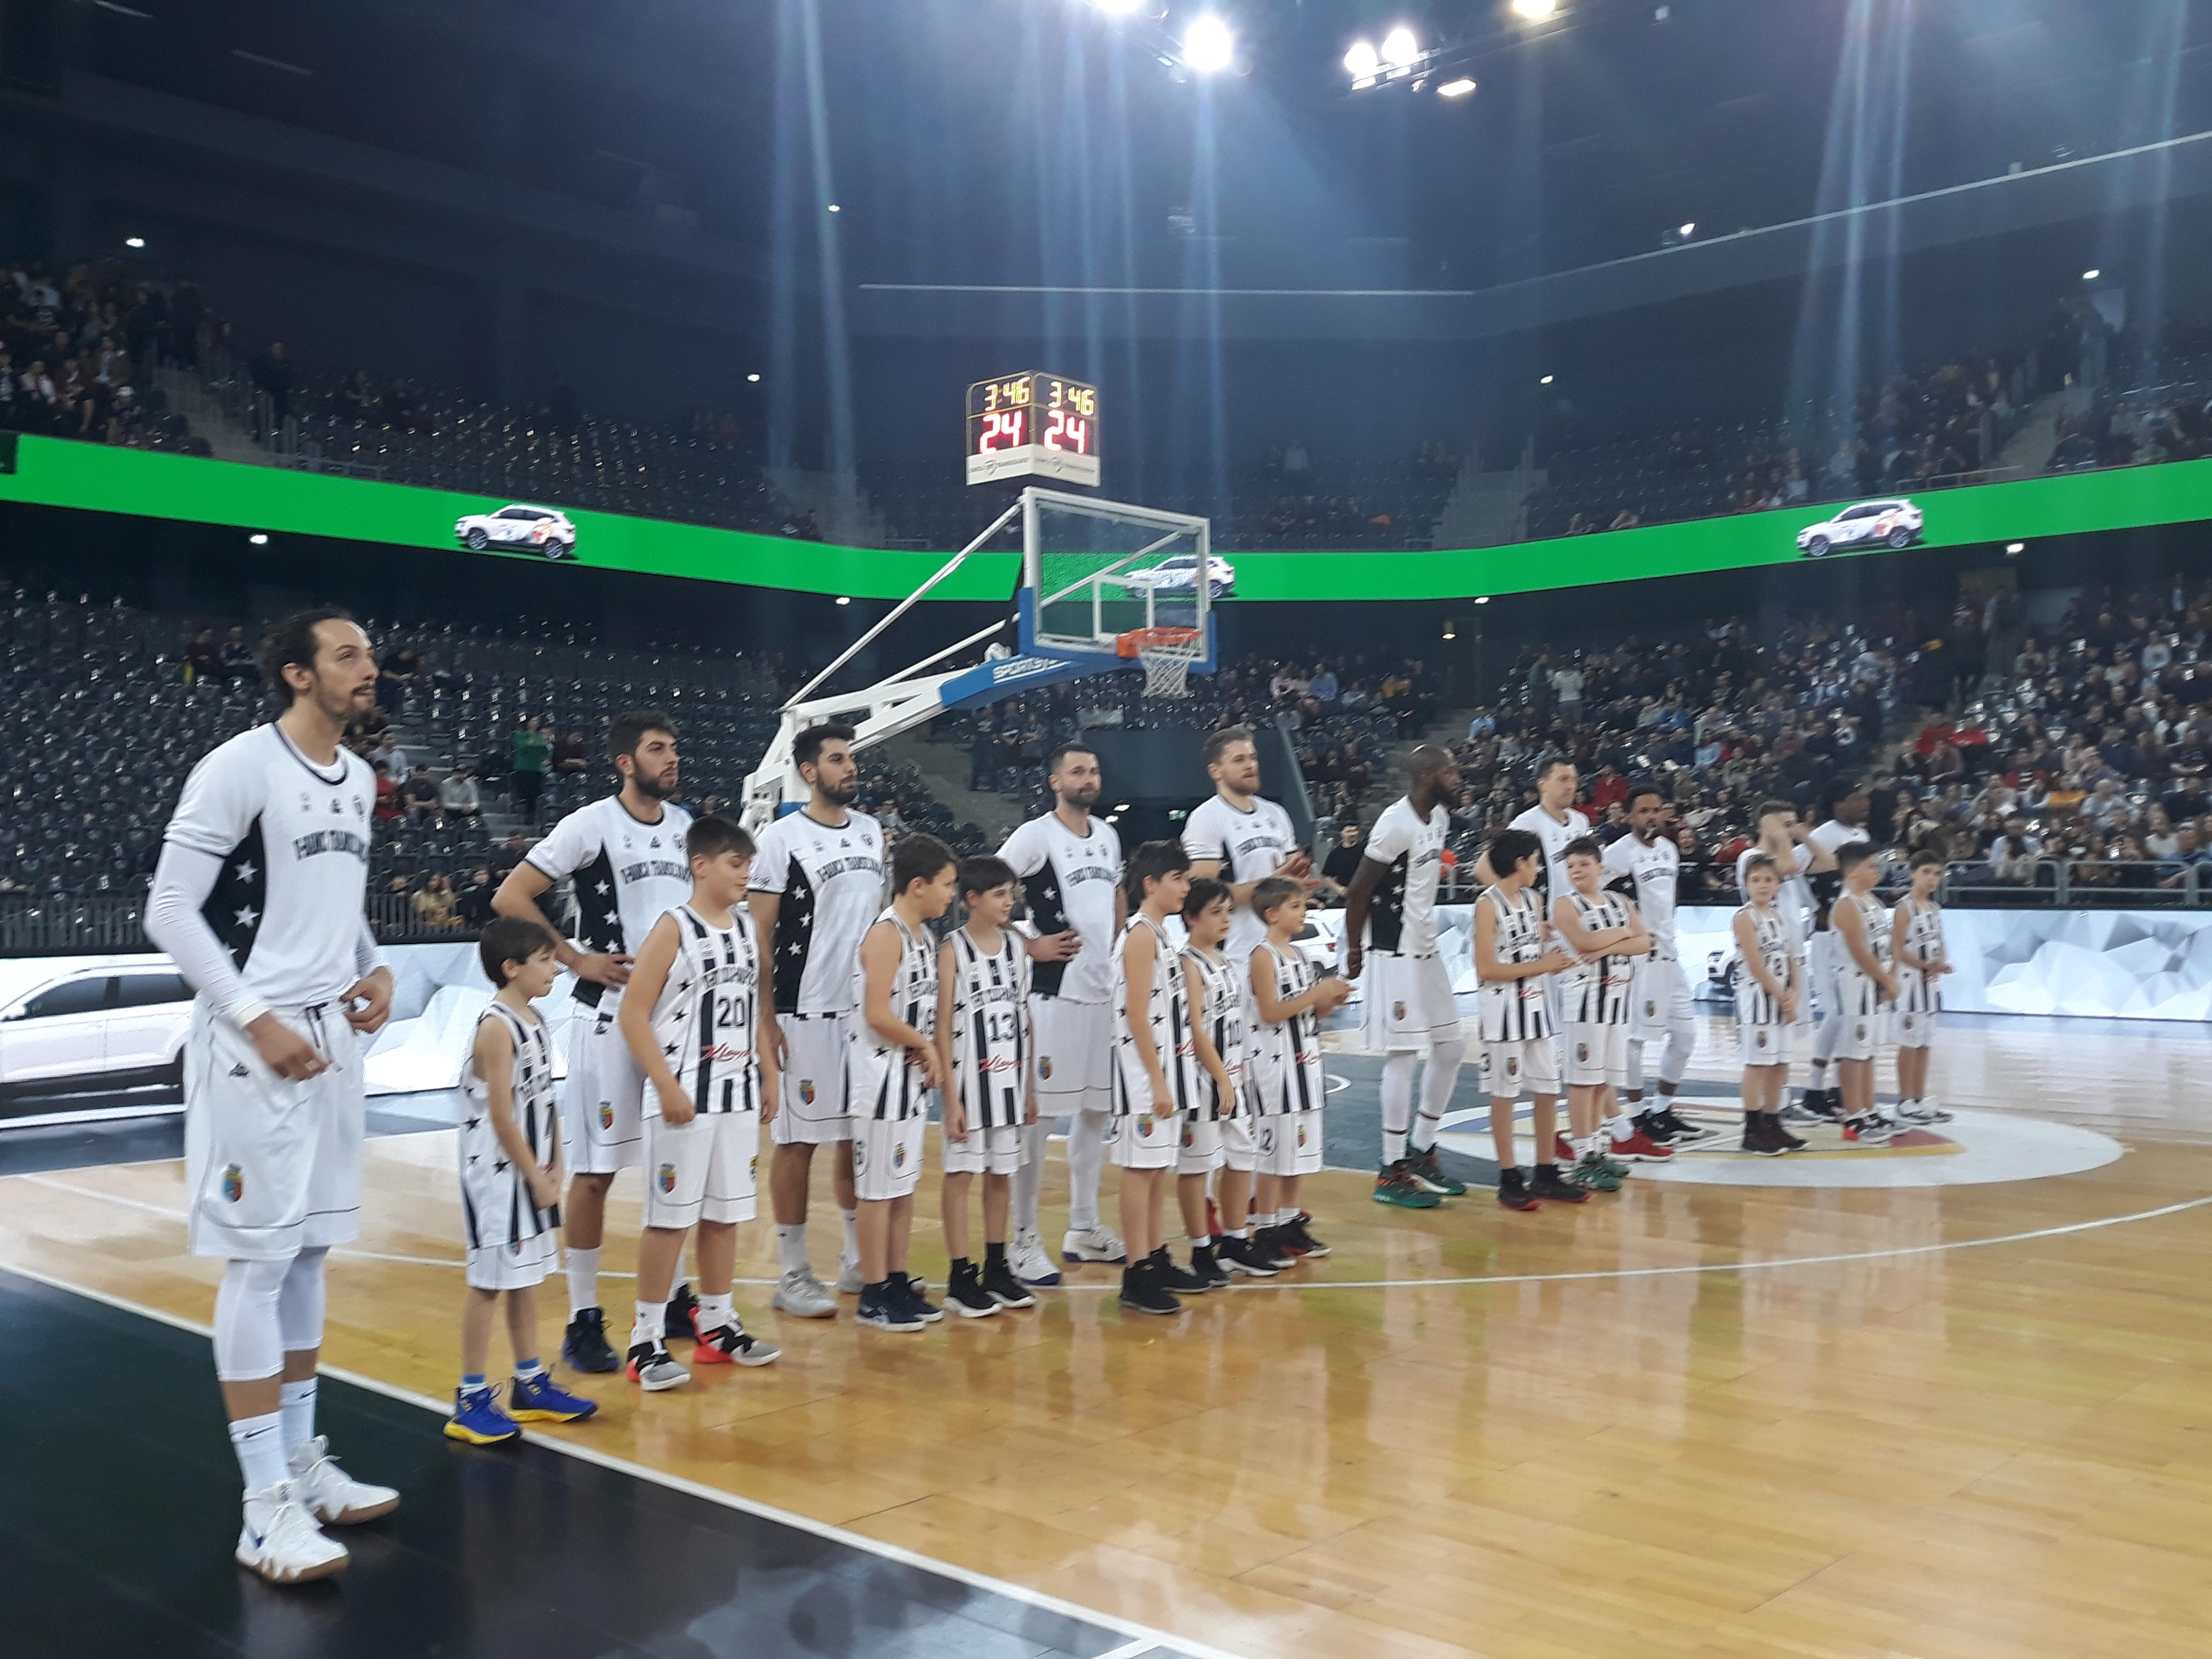 """""""U"""" BT Cluj-Napoca, victorie cu emoții pe final în meciul cu campioana CSM Oradea! Dykes, omul decisiv!"""